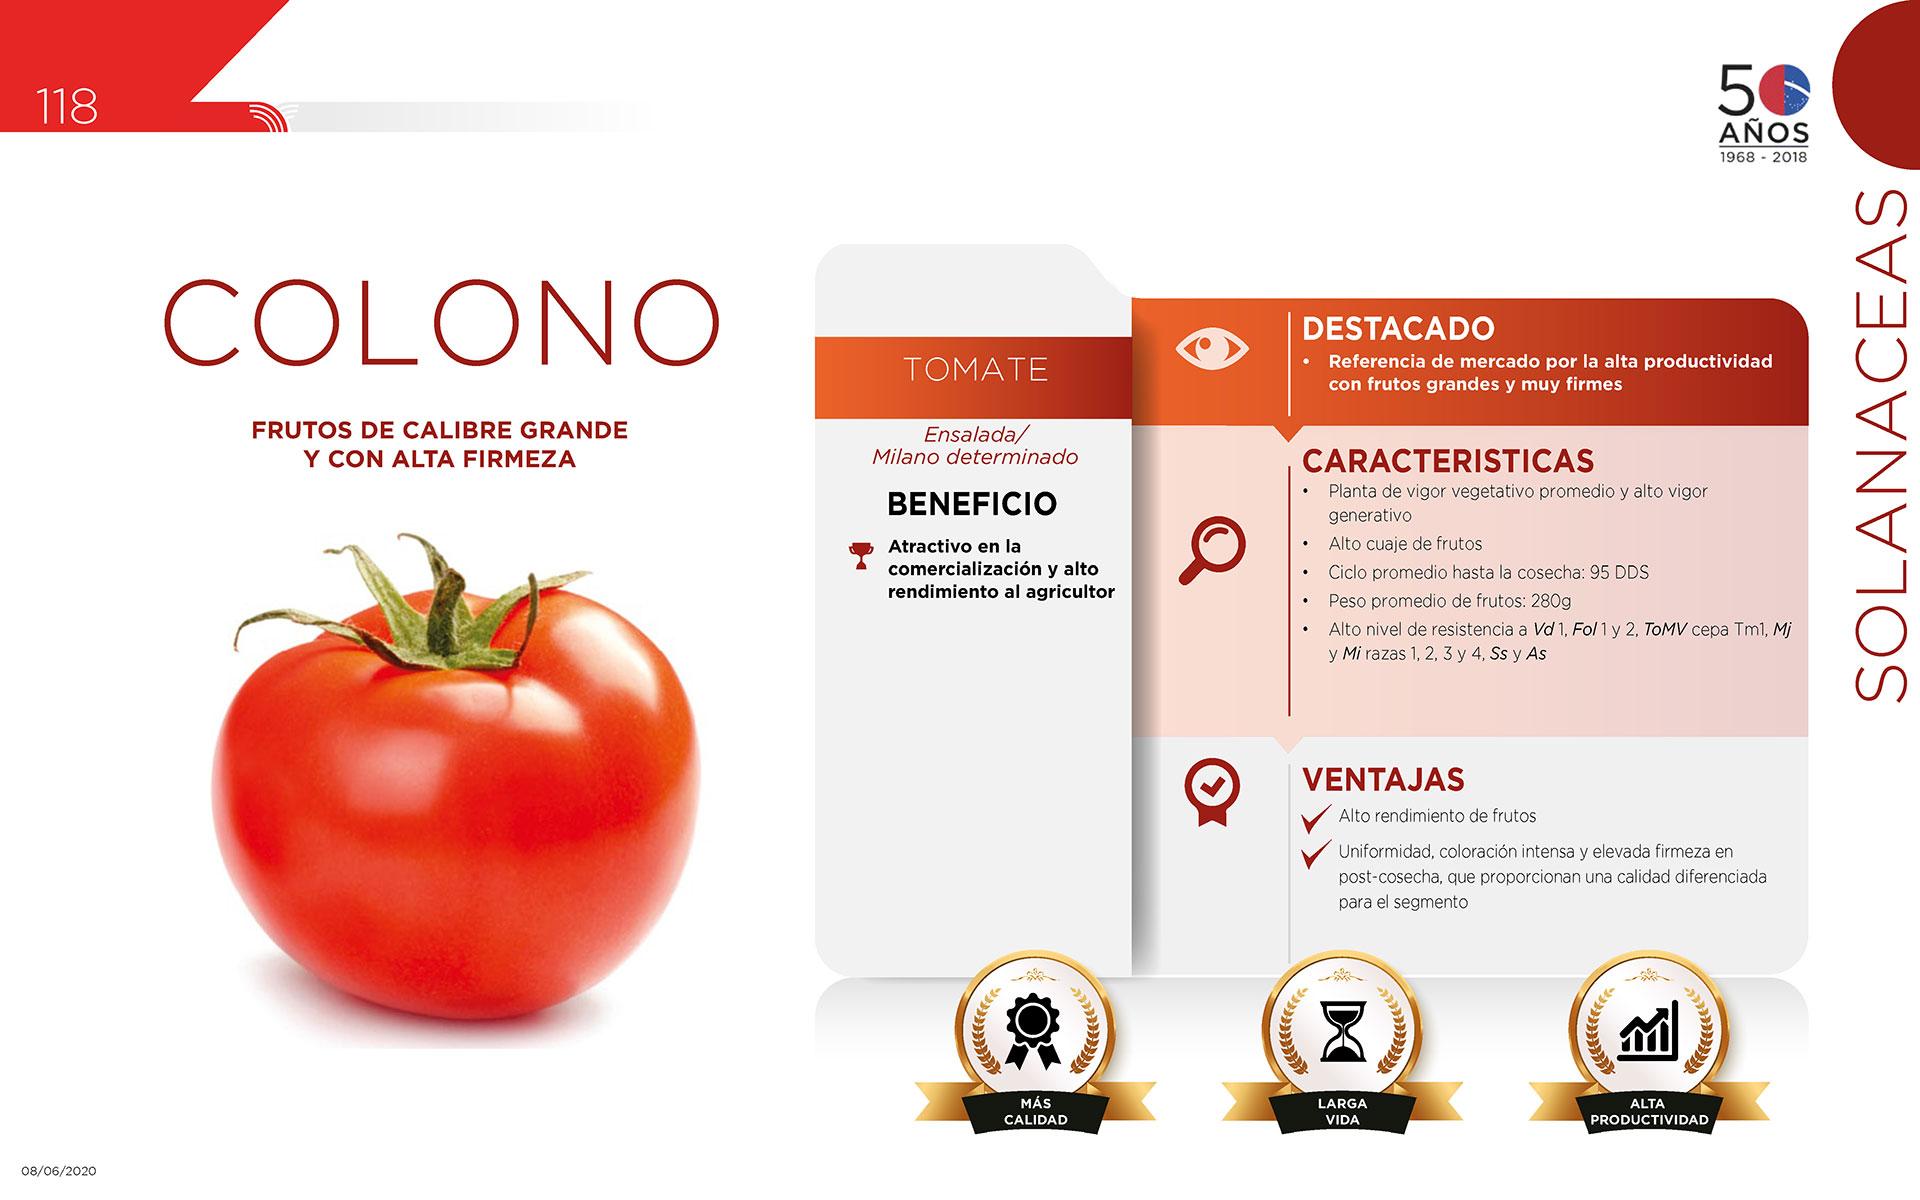 Colono - Solanaceas